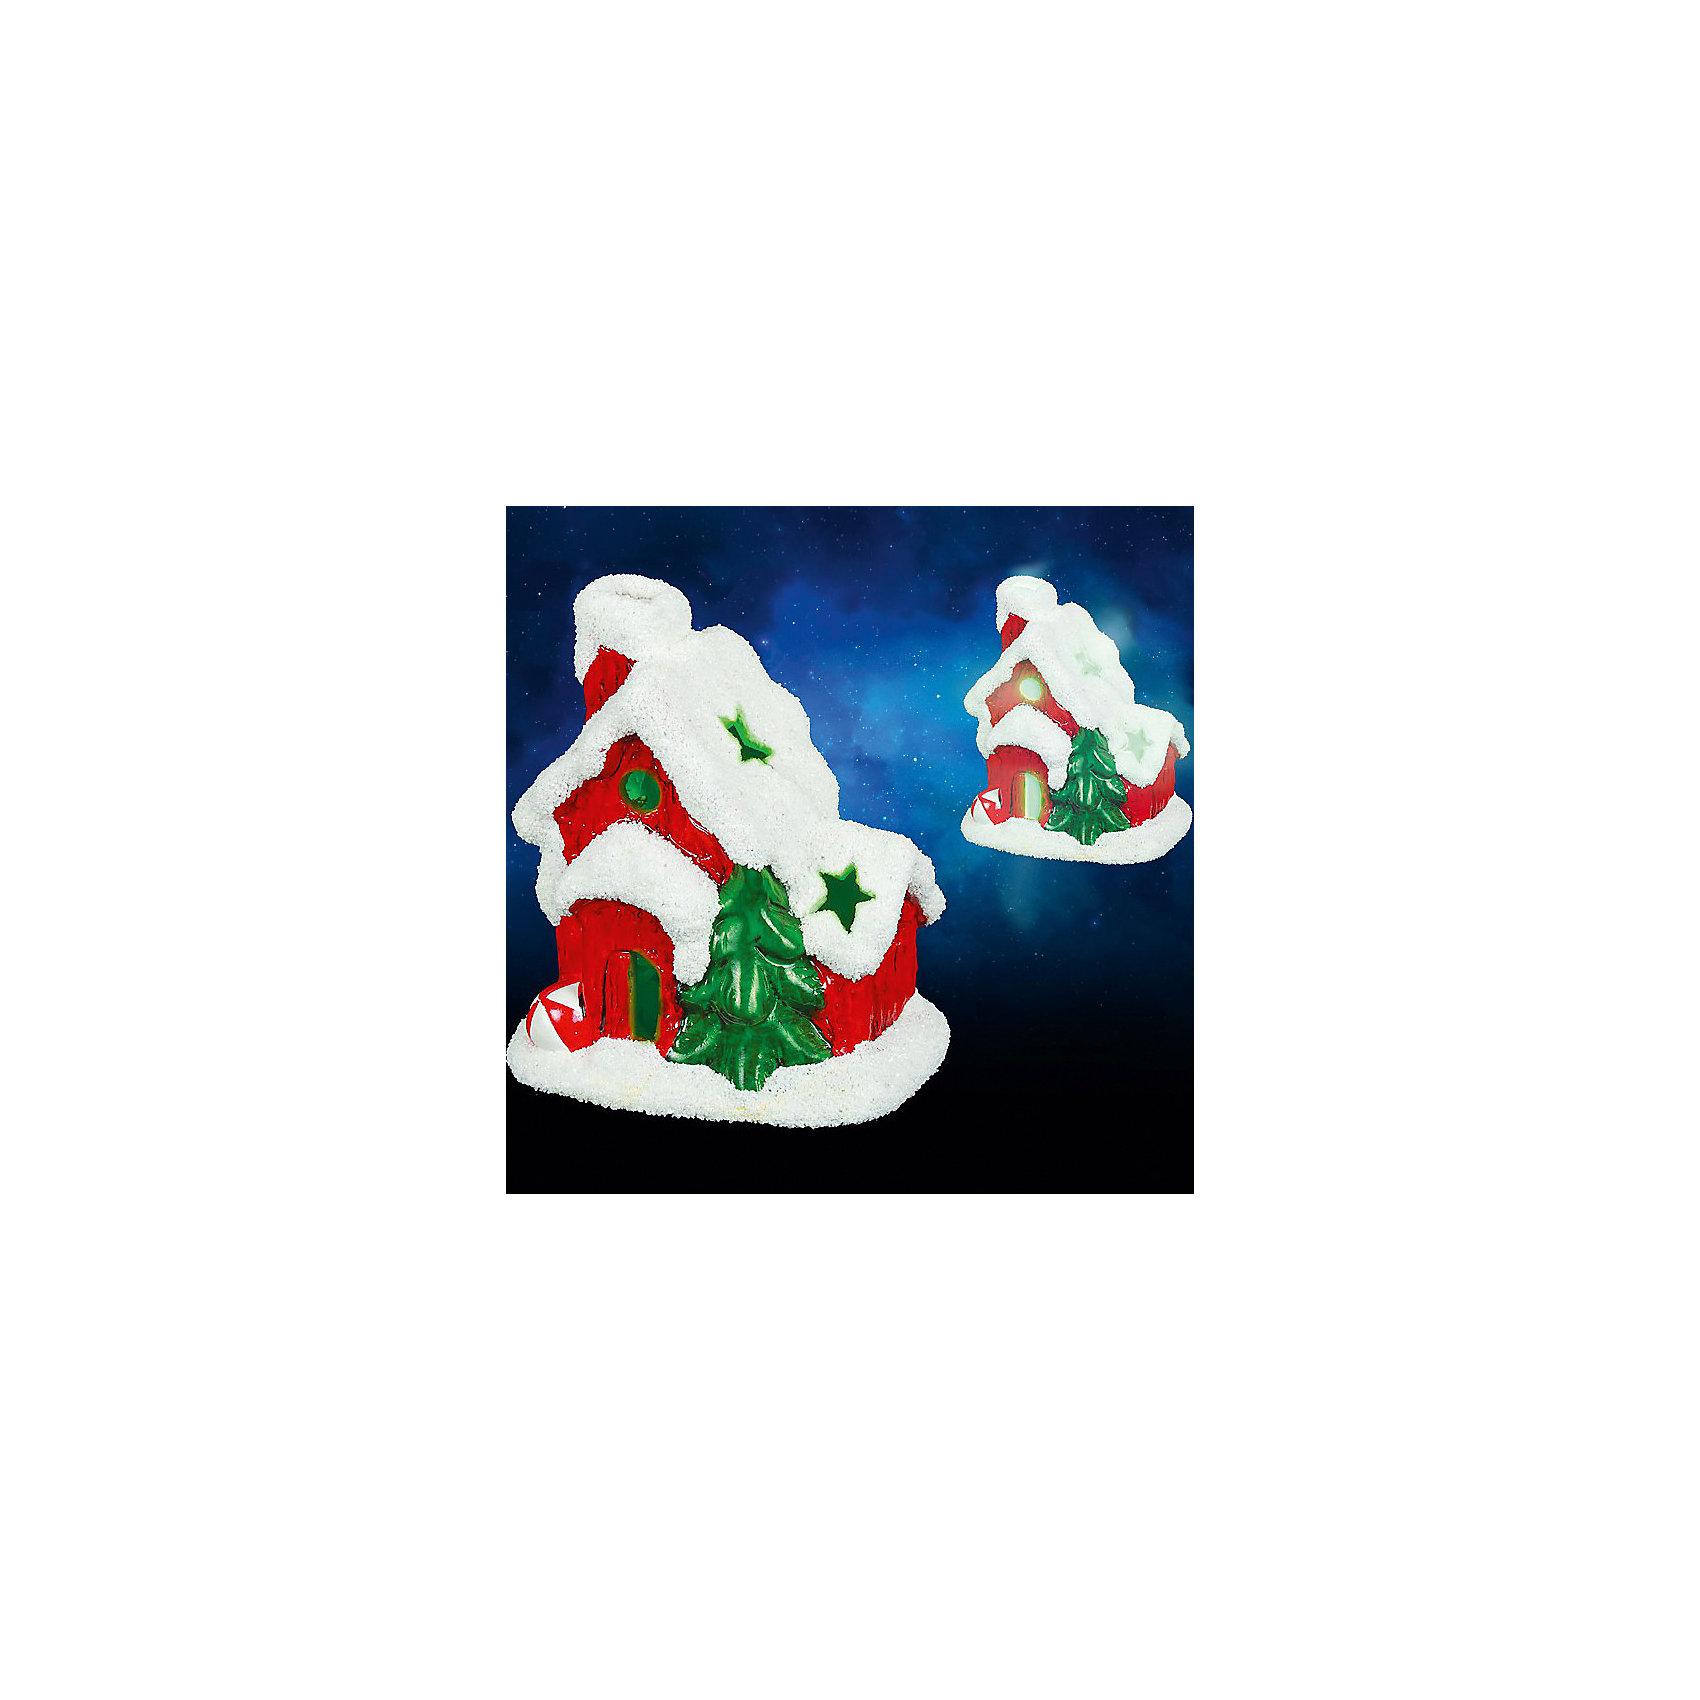 Керамический сувенир Домик с подсветкой, 9х7х10 смВсё для праздника<br>Керамический сувенир Домик с подсветкой. Прекрасный новогодний сувенир обязательно создаст атмосферу праздника. <br><br>Дополнительная информация:<br><br>- Материал: керамика<br>- Размер: 9х7х10 см<br>- Цвет: красный, белый, зеленый<br>- Работает от батарейки<br><br>Керамический сувенир с подсветкой Домик можно купить в нашем магазине.<br><br>Ширина мм: 250<br>Глубина мм: 100<br>Высота мм: 100<br>Вес г: 250<br>Возраст от месяцев: 36<br>Возраст до месяцев: 216<br>Пол: Унисекс<br>Возраст: Детский<br>SKU: 3822110